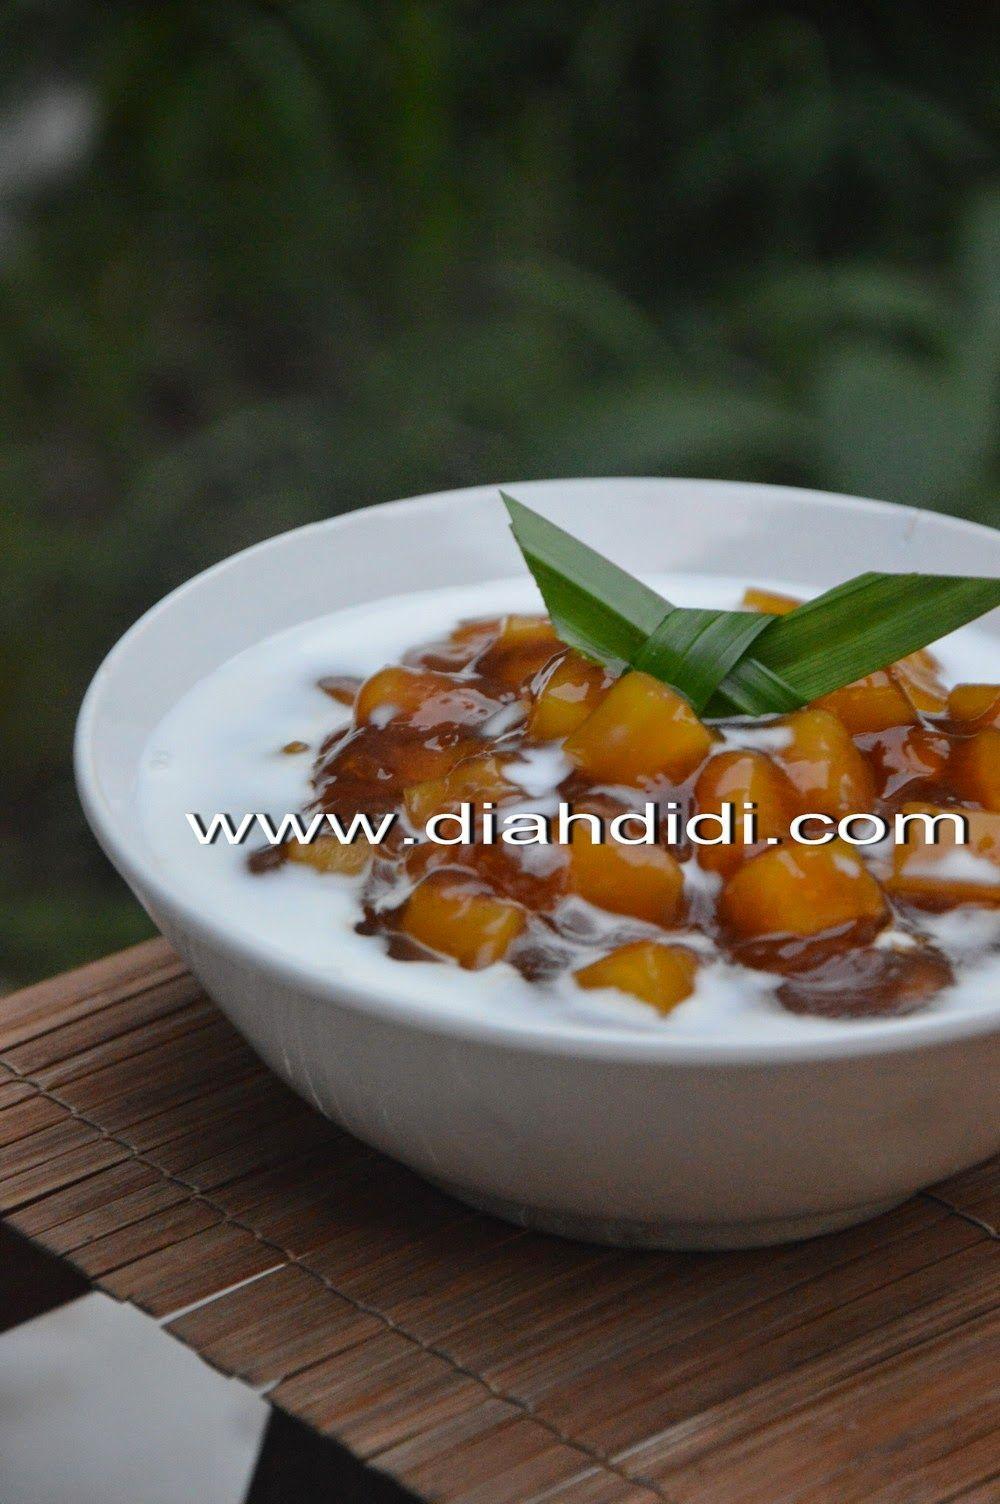 Diah Didis Kitchen Bubur Ubi Tapioka Indonesian Food